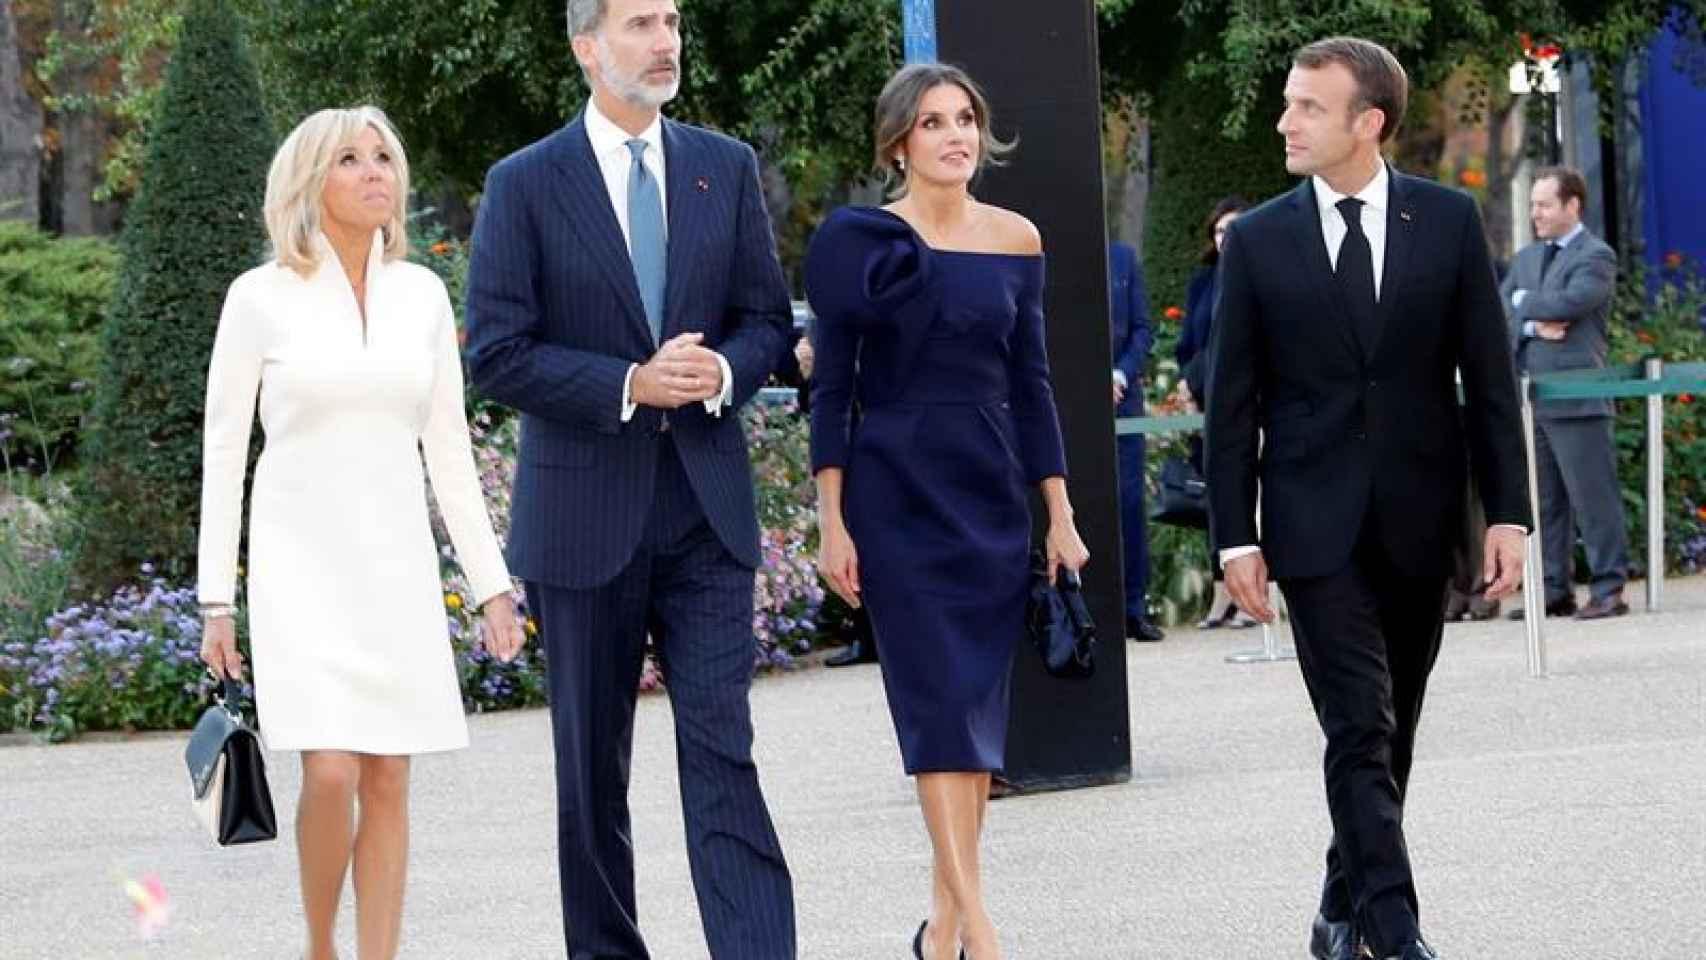 Los reyes de España durante su visita al presidente francés, Emmanuel Macron y su esposa, Brigitte